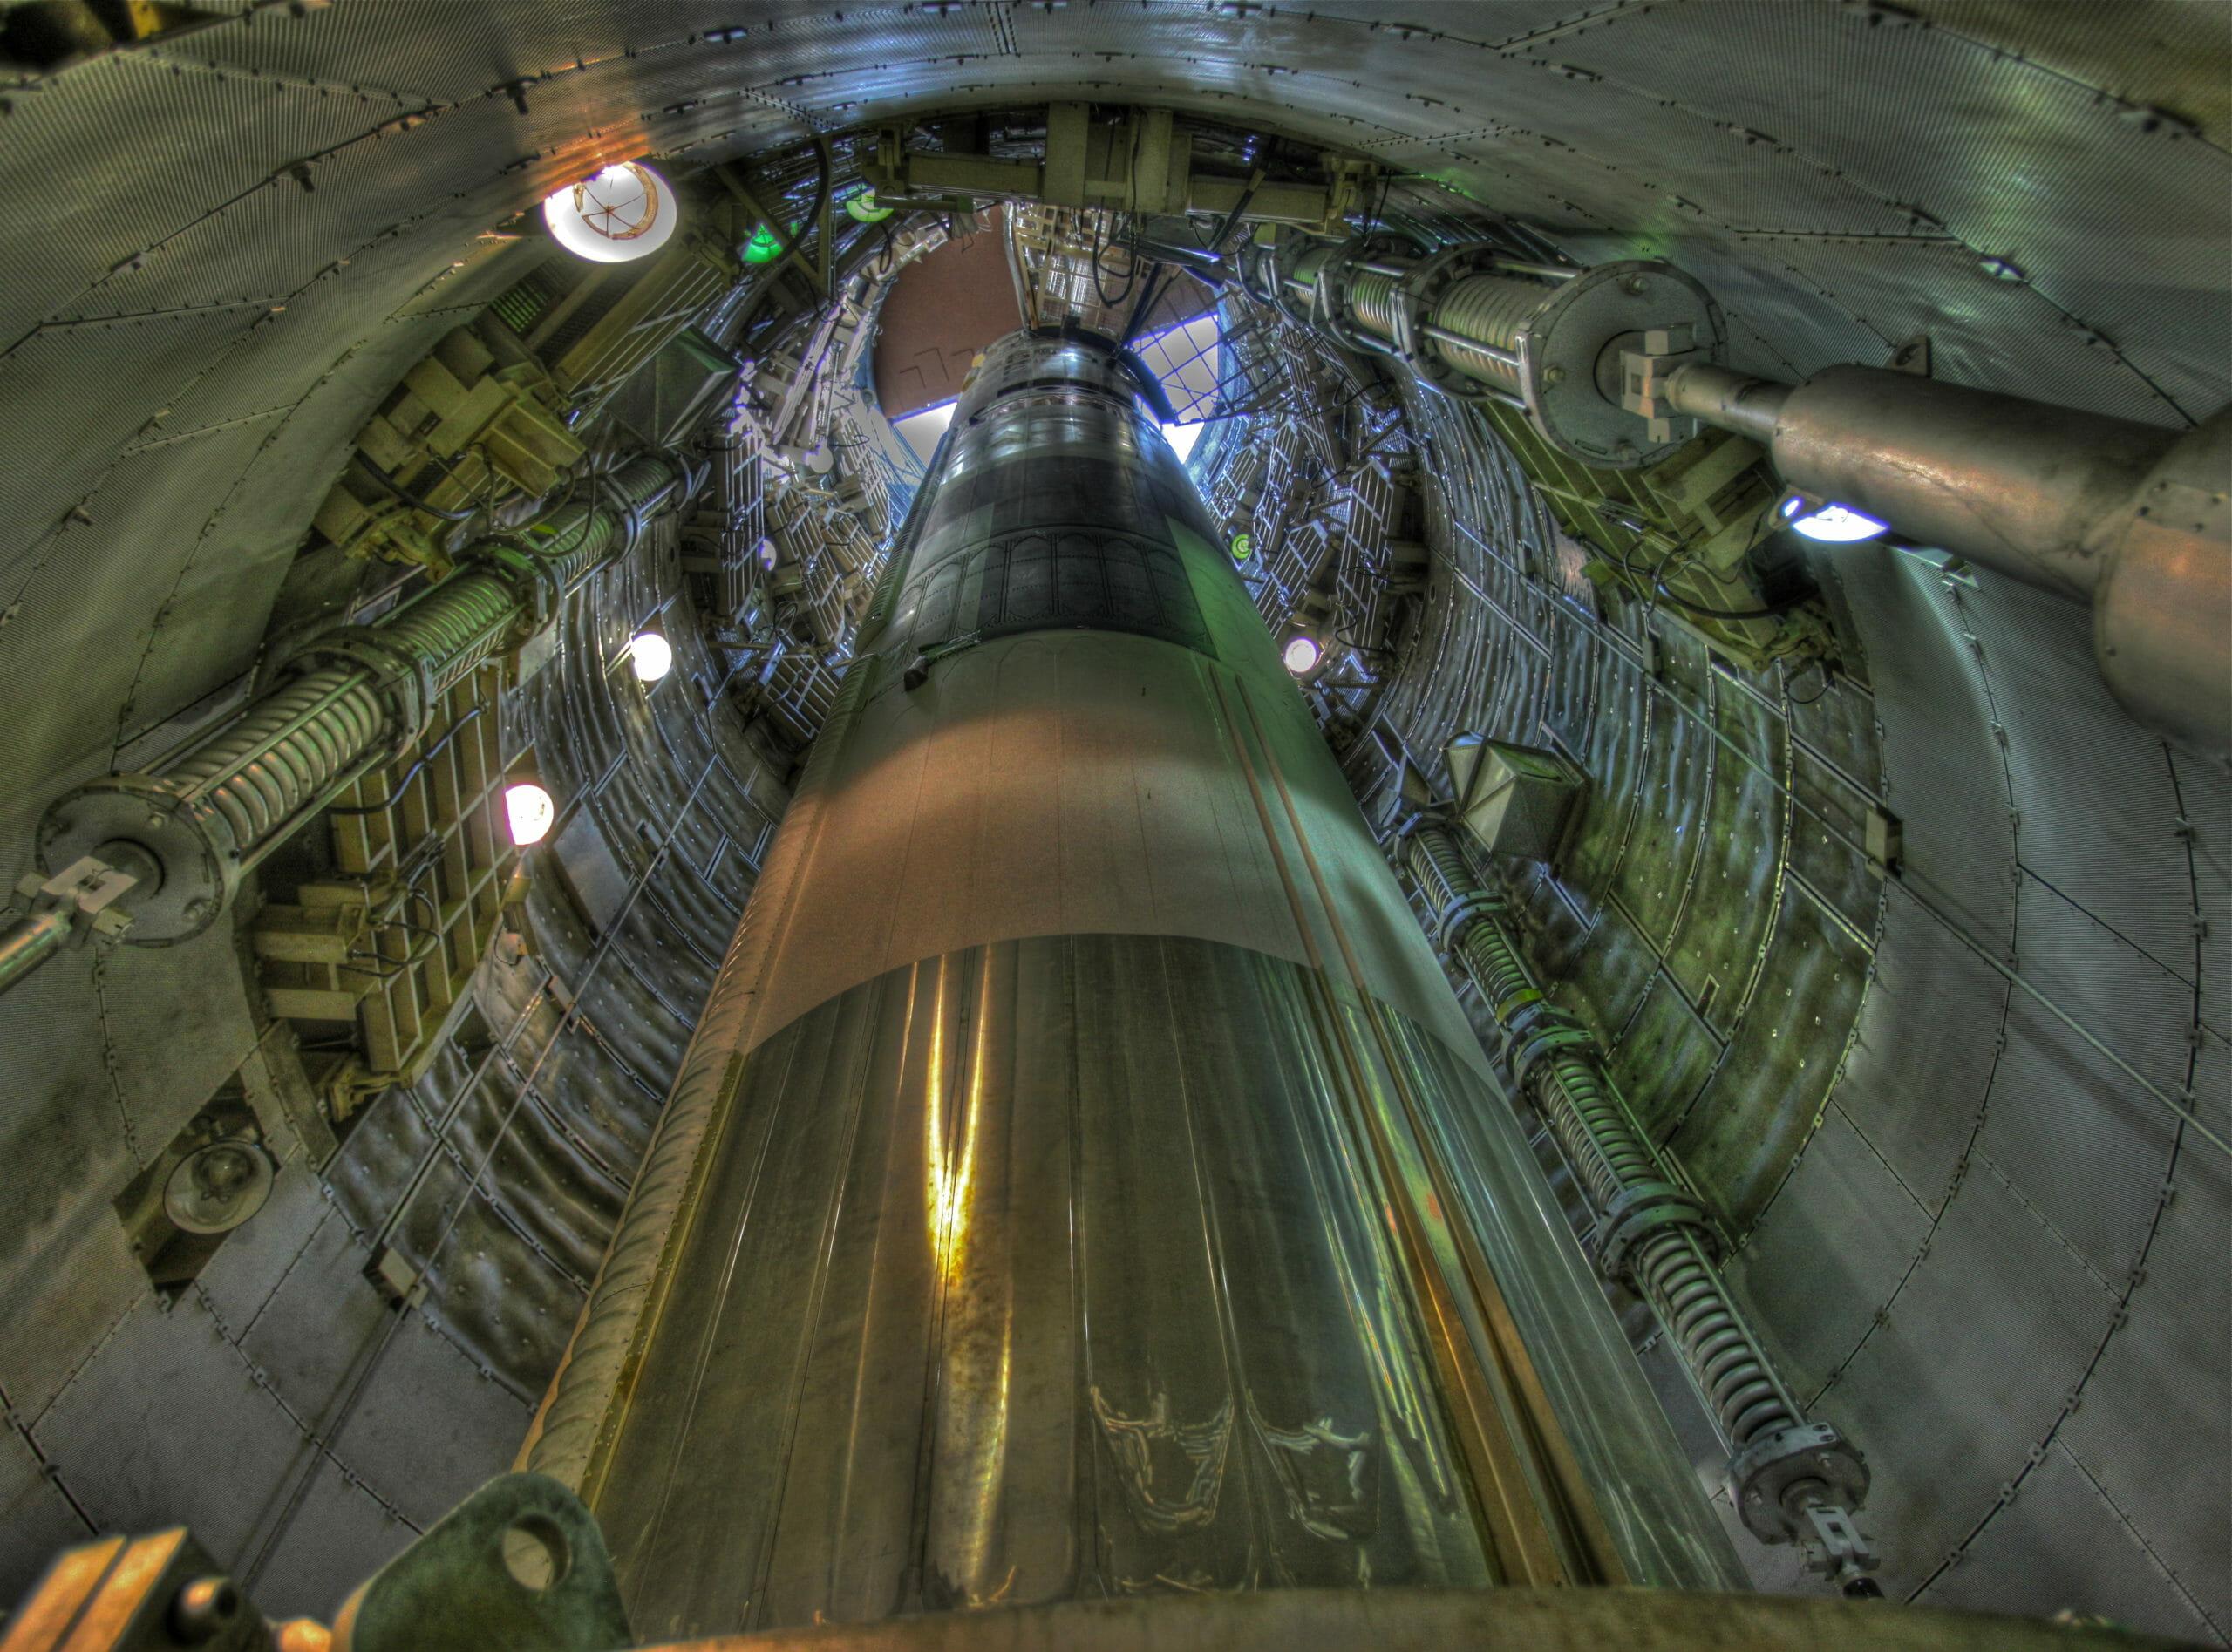 OVERBLIK: Verdens ni atommagter